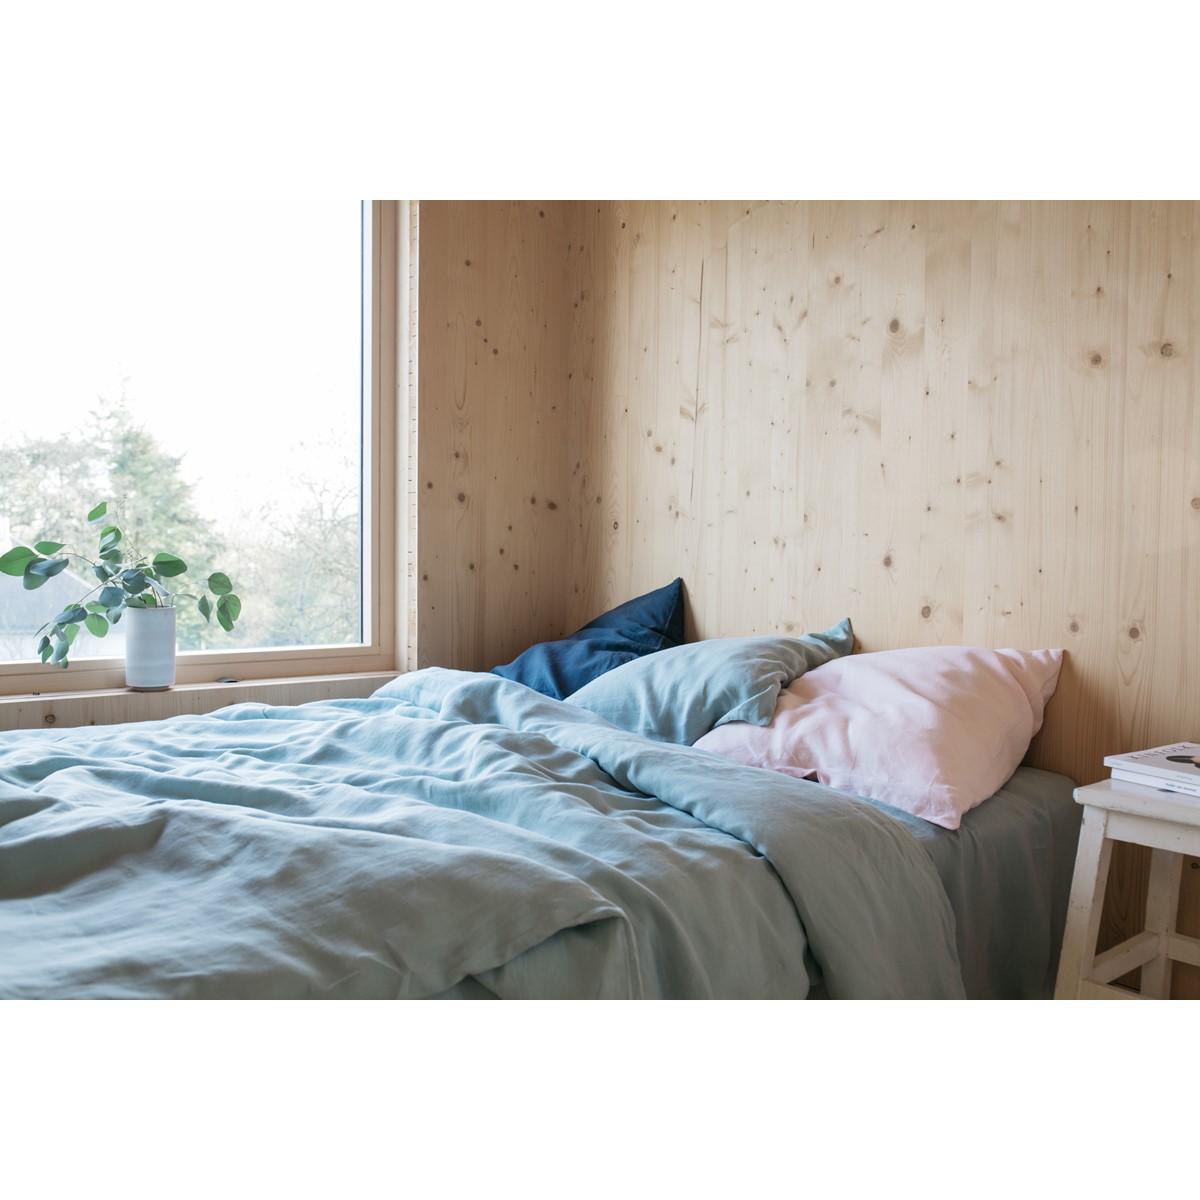 parure de lit lin lav fabriqu e en france lab. Black Bedroom Furniture Sets. Home Design Ideas